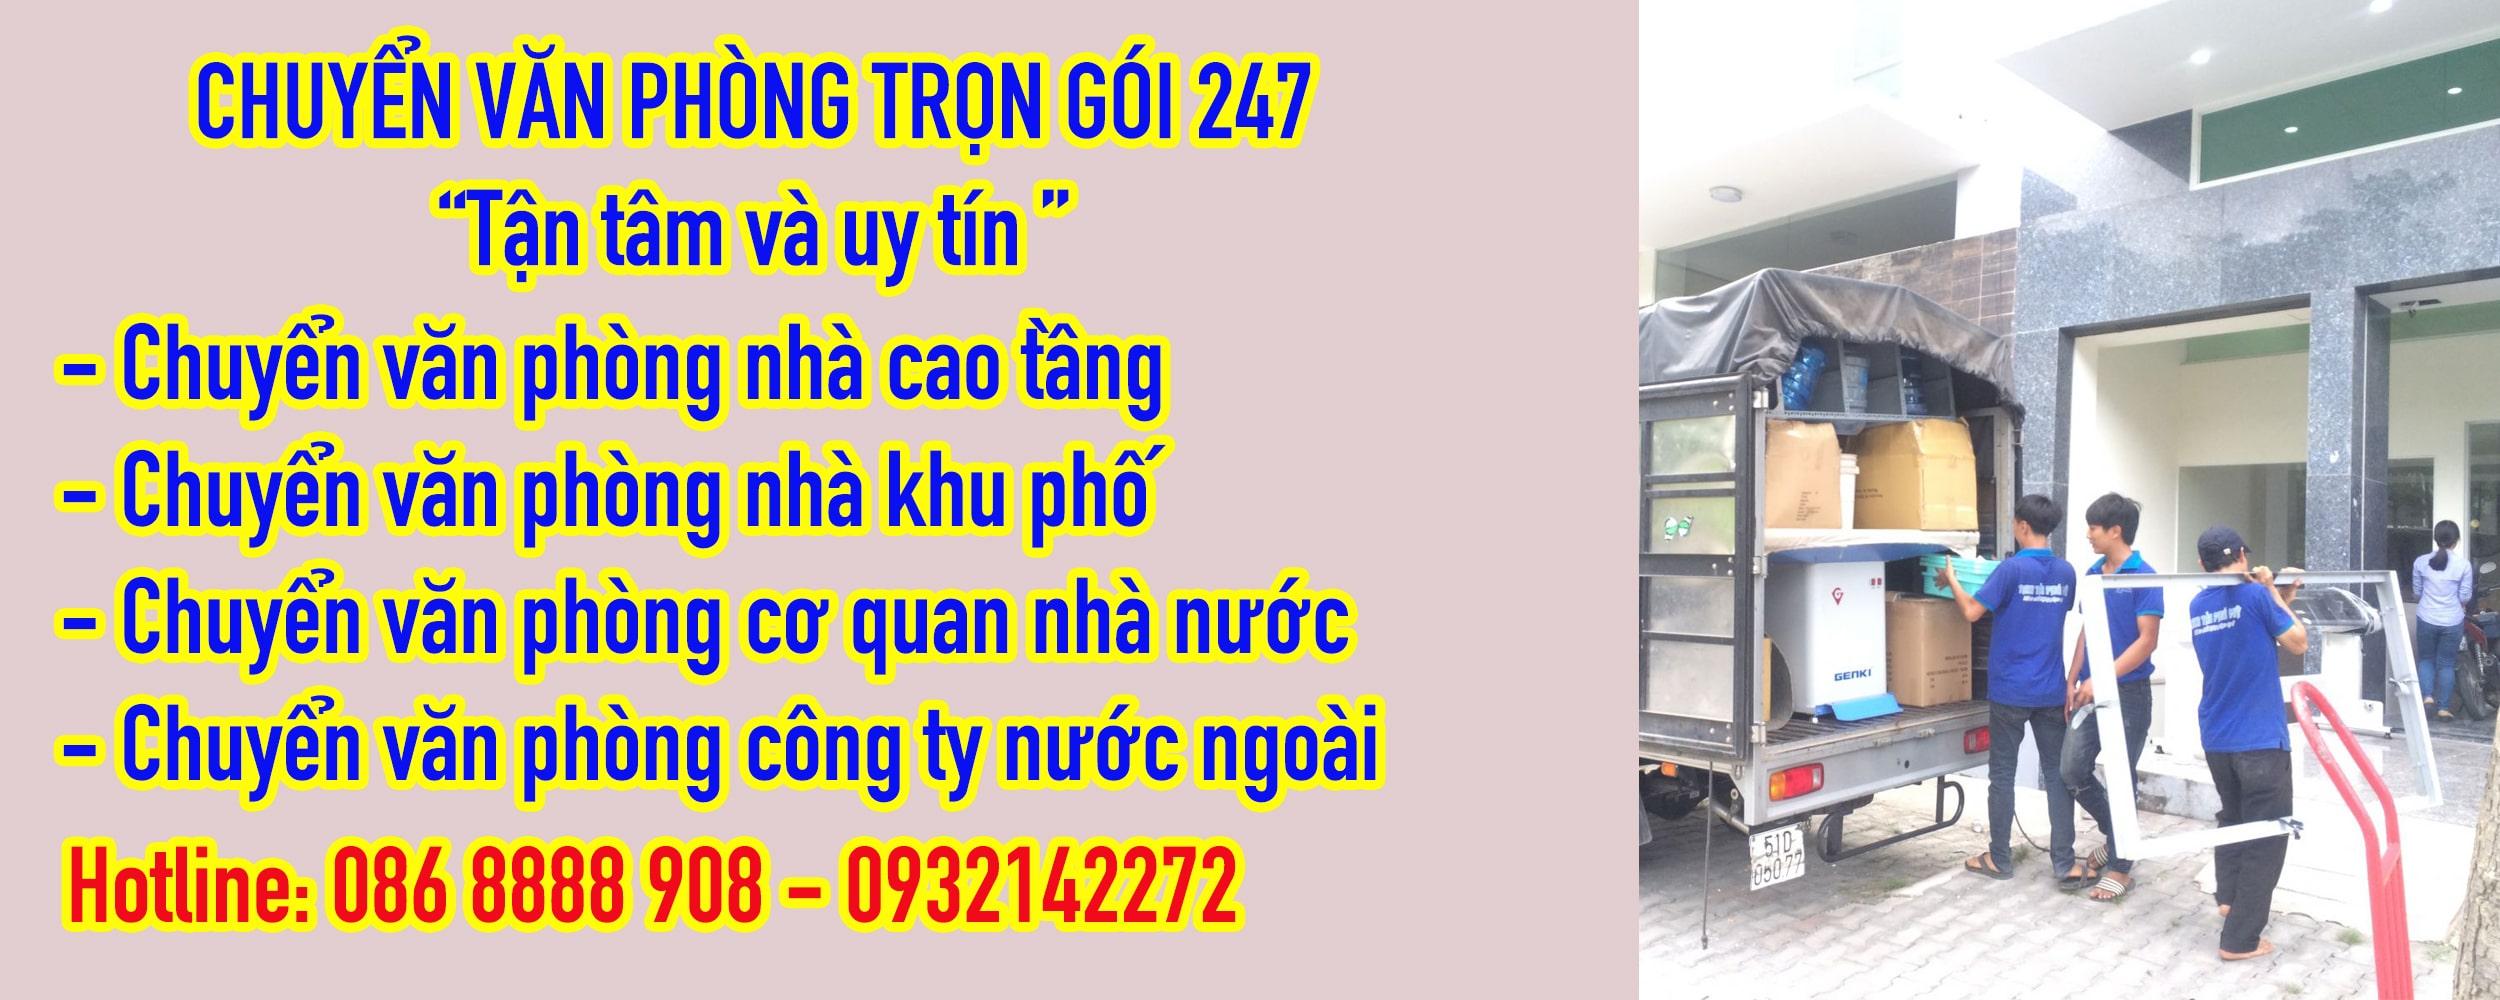 chuyển văn phòng trọn gói giá rẻ tại TPHCM uy tín và chuyên nghiệp - công ty vận tải và chuyển nhà 247